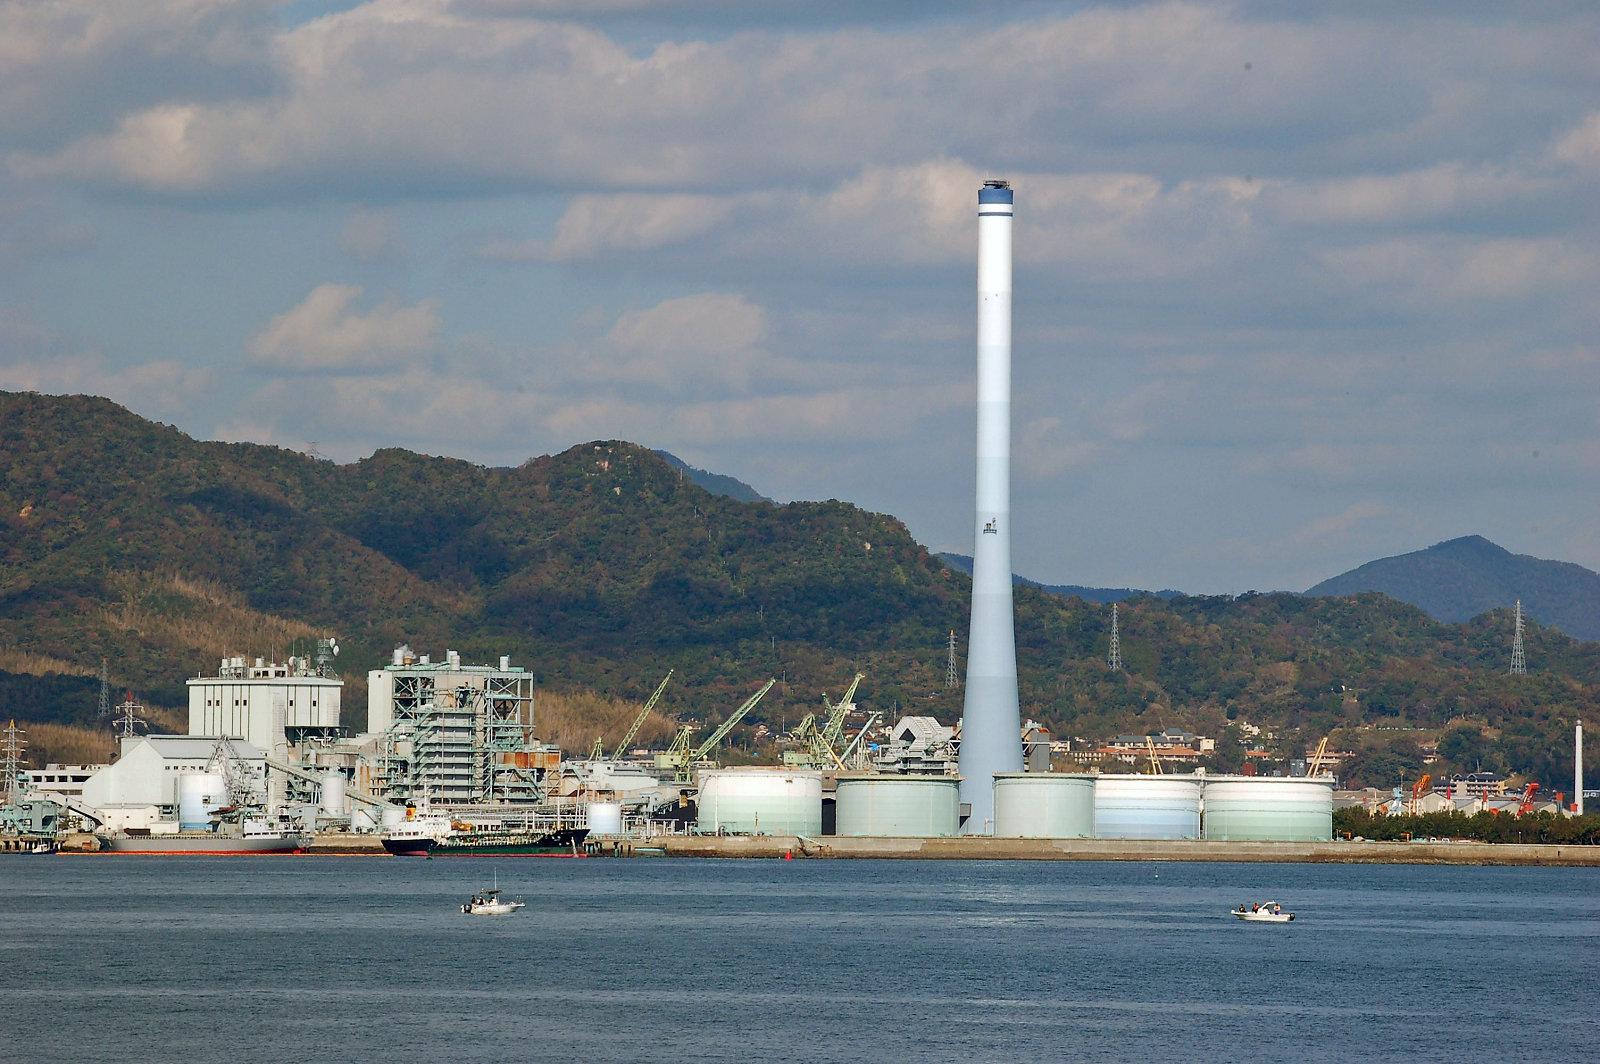 Tags:# 下関火力発電所